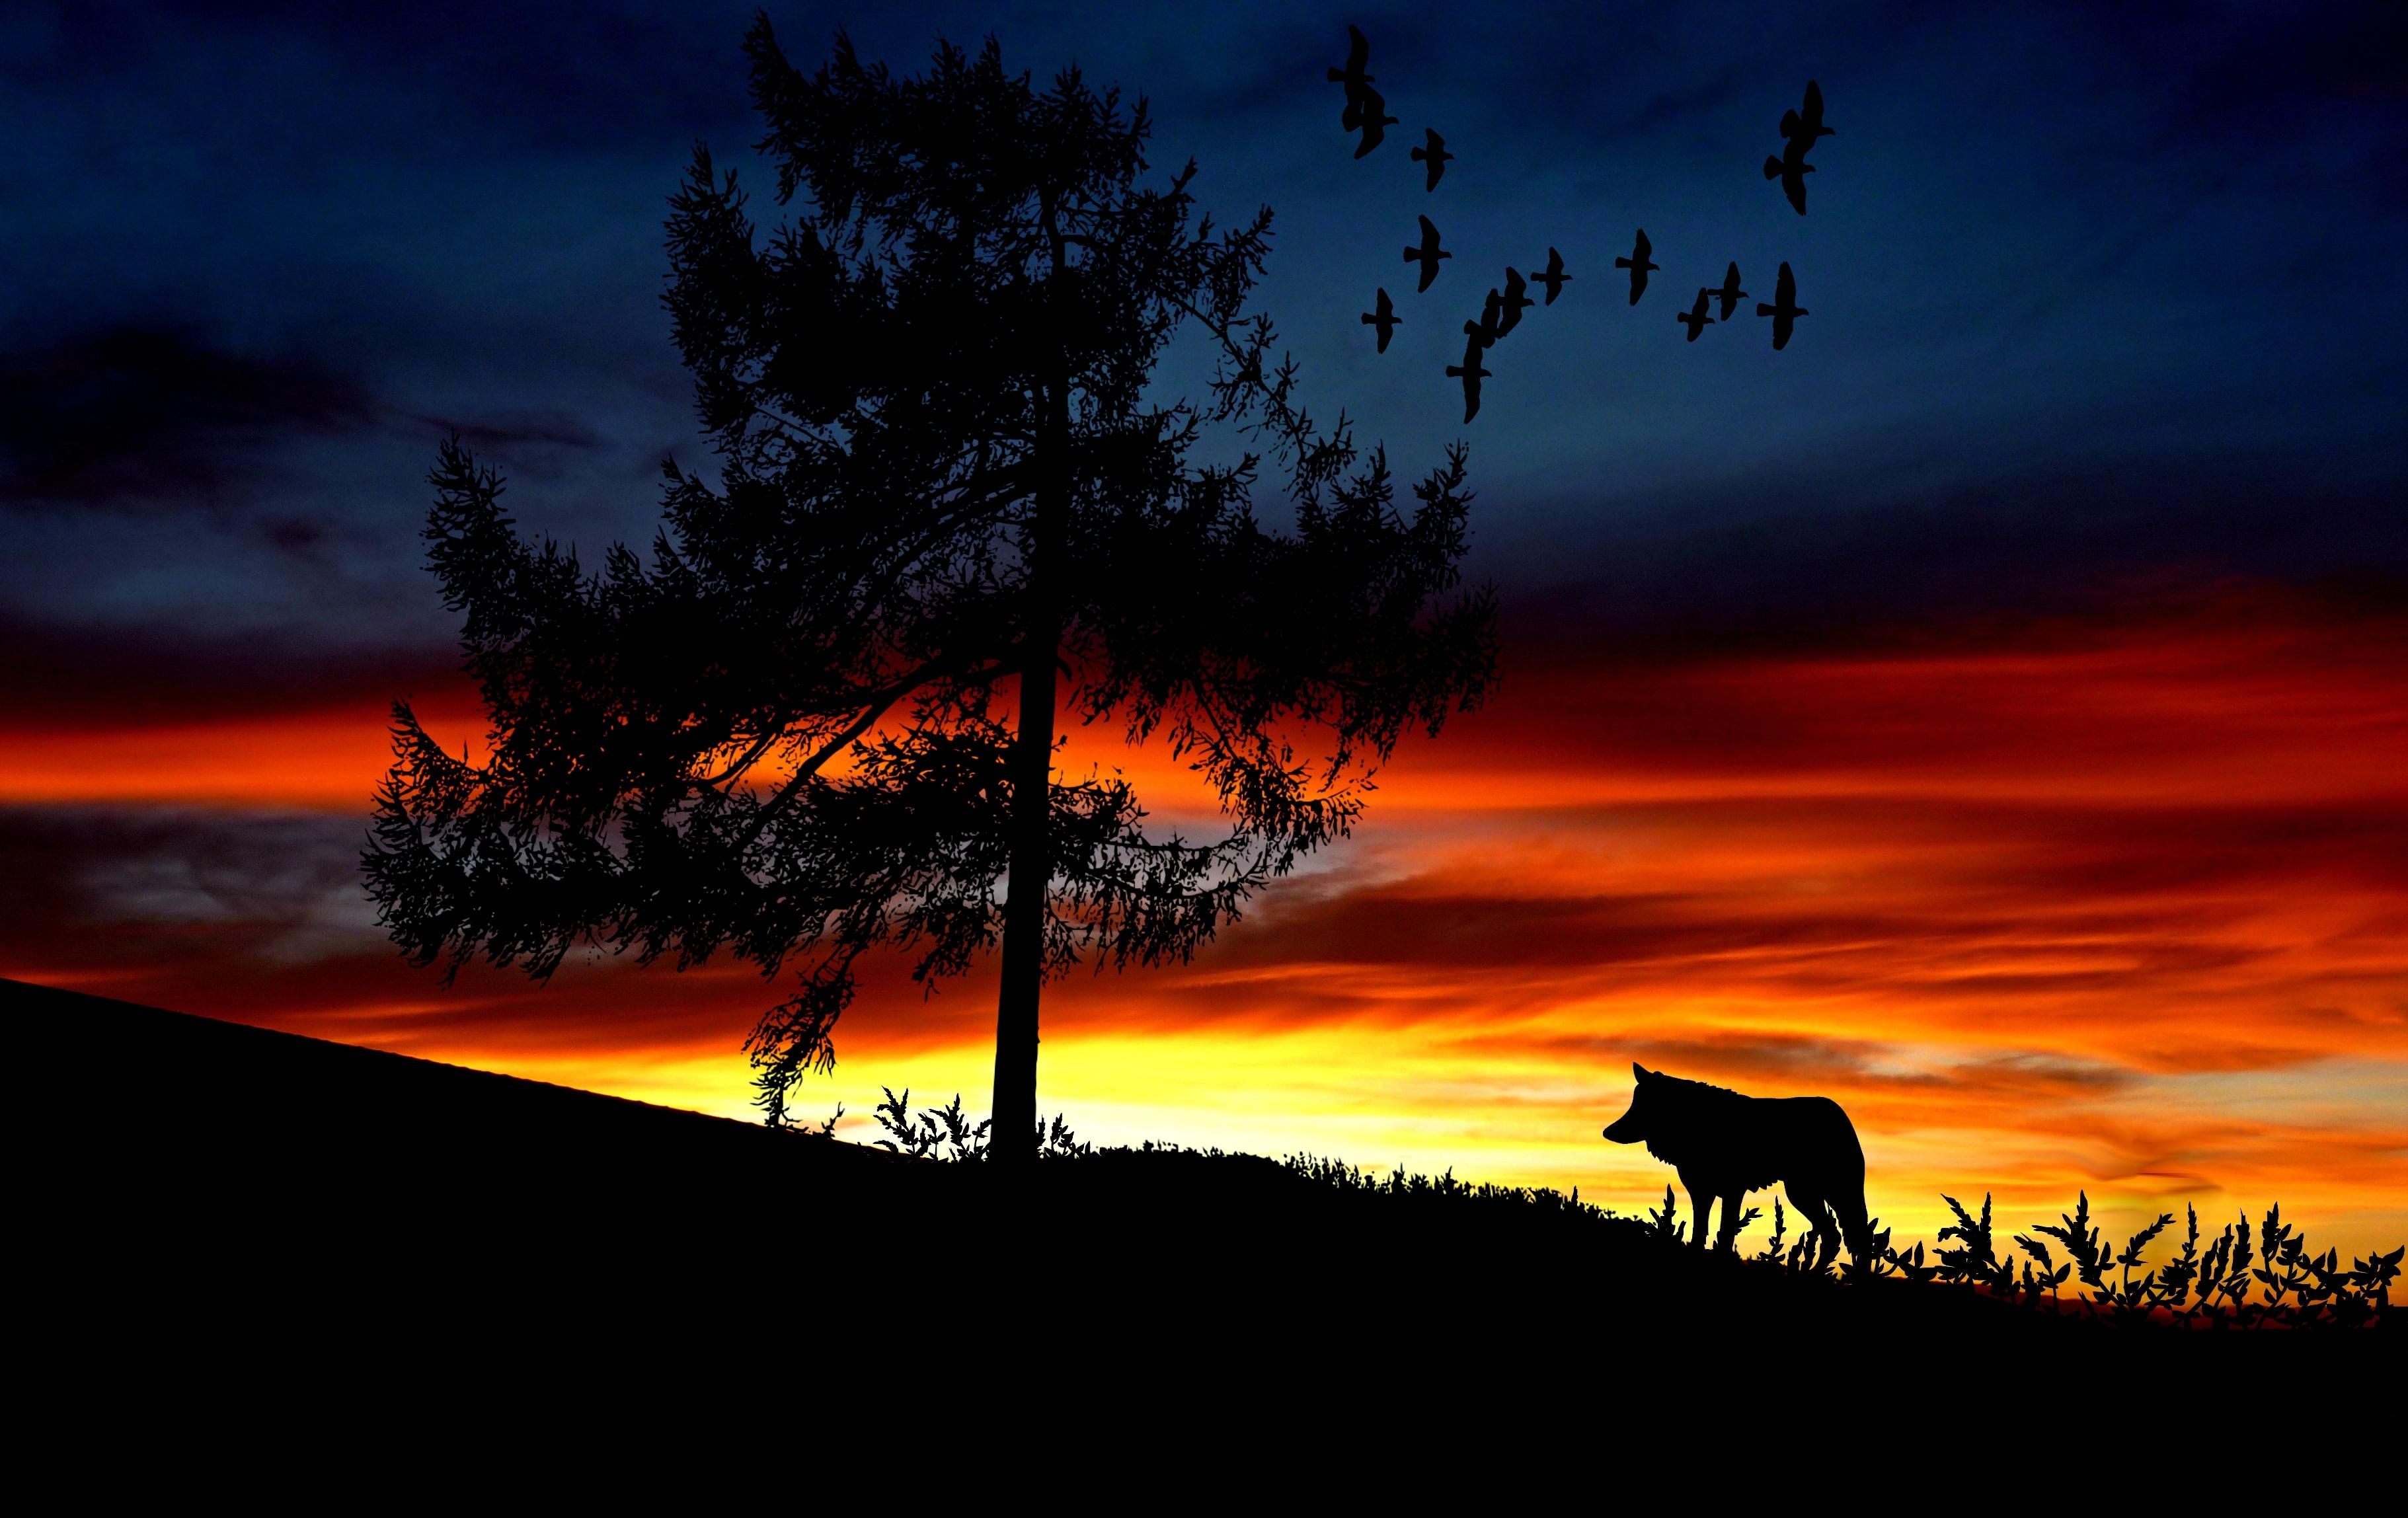 Gratis Afbeeldingen : landschap, boom, natuur, horizon, silhouet ...